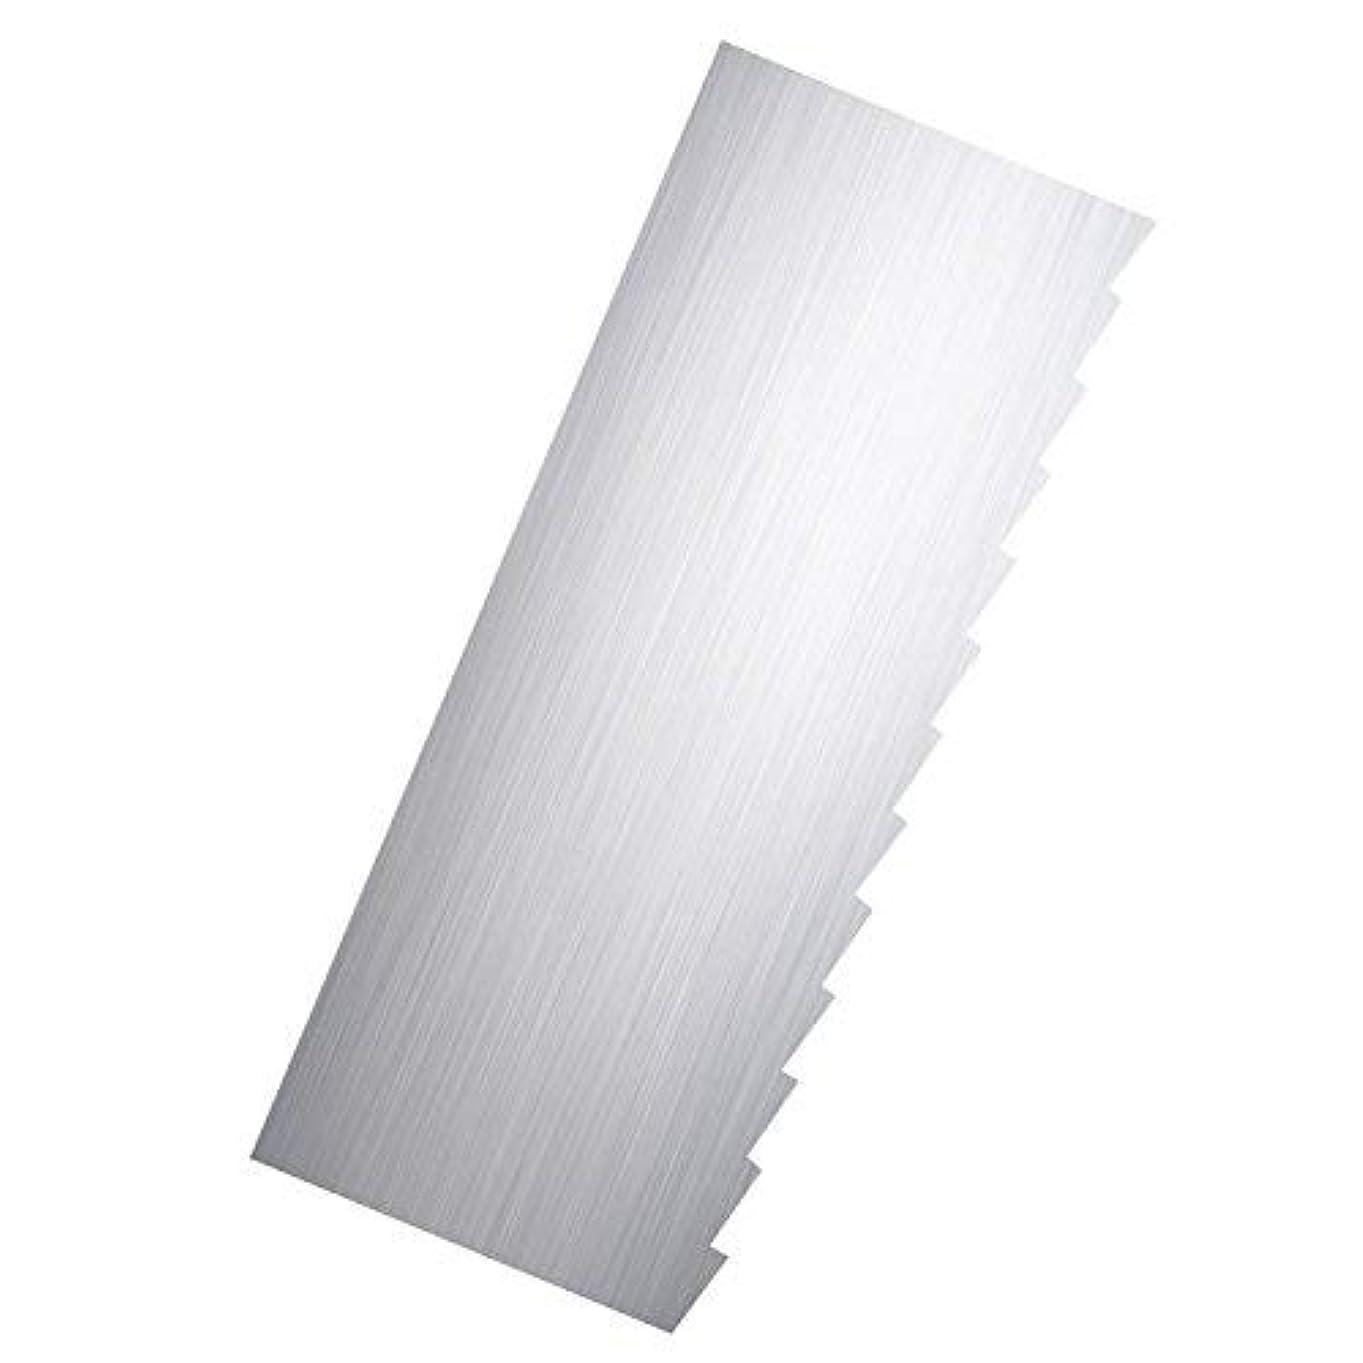 フロンティアのぞき穴コメントRibbon Stripe Pleated Contour Combs Scraper [並行輸入品]